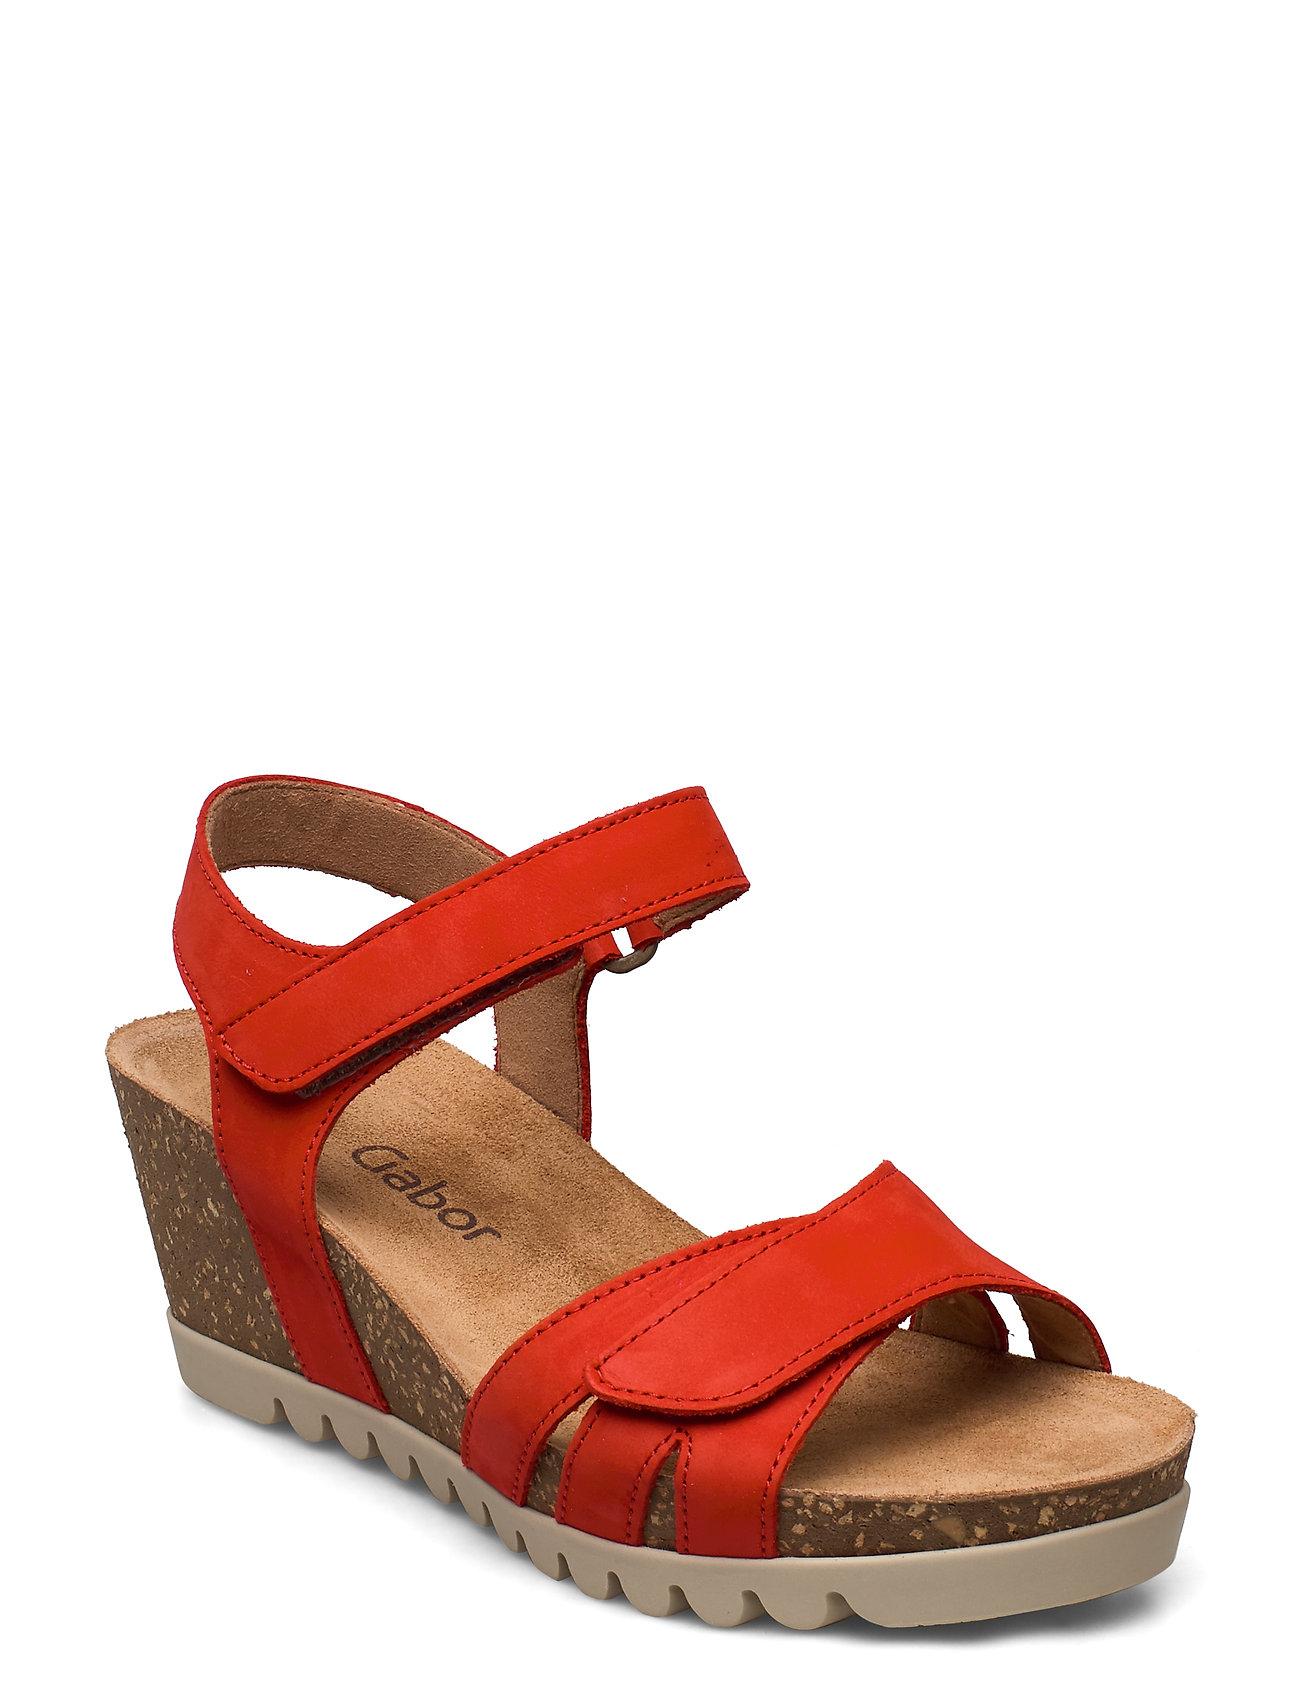 Image of Sandals Sandal Med Hæl Rød Gabor (3448149015)